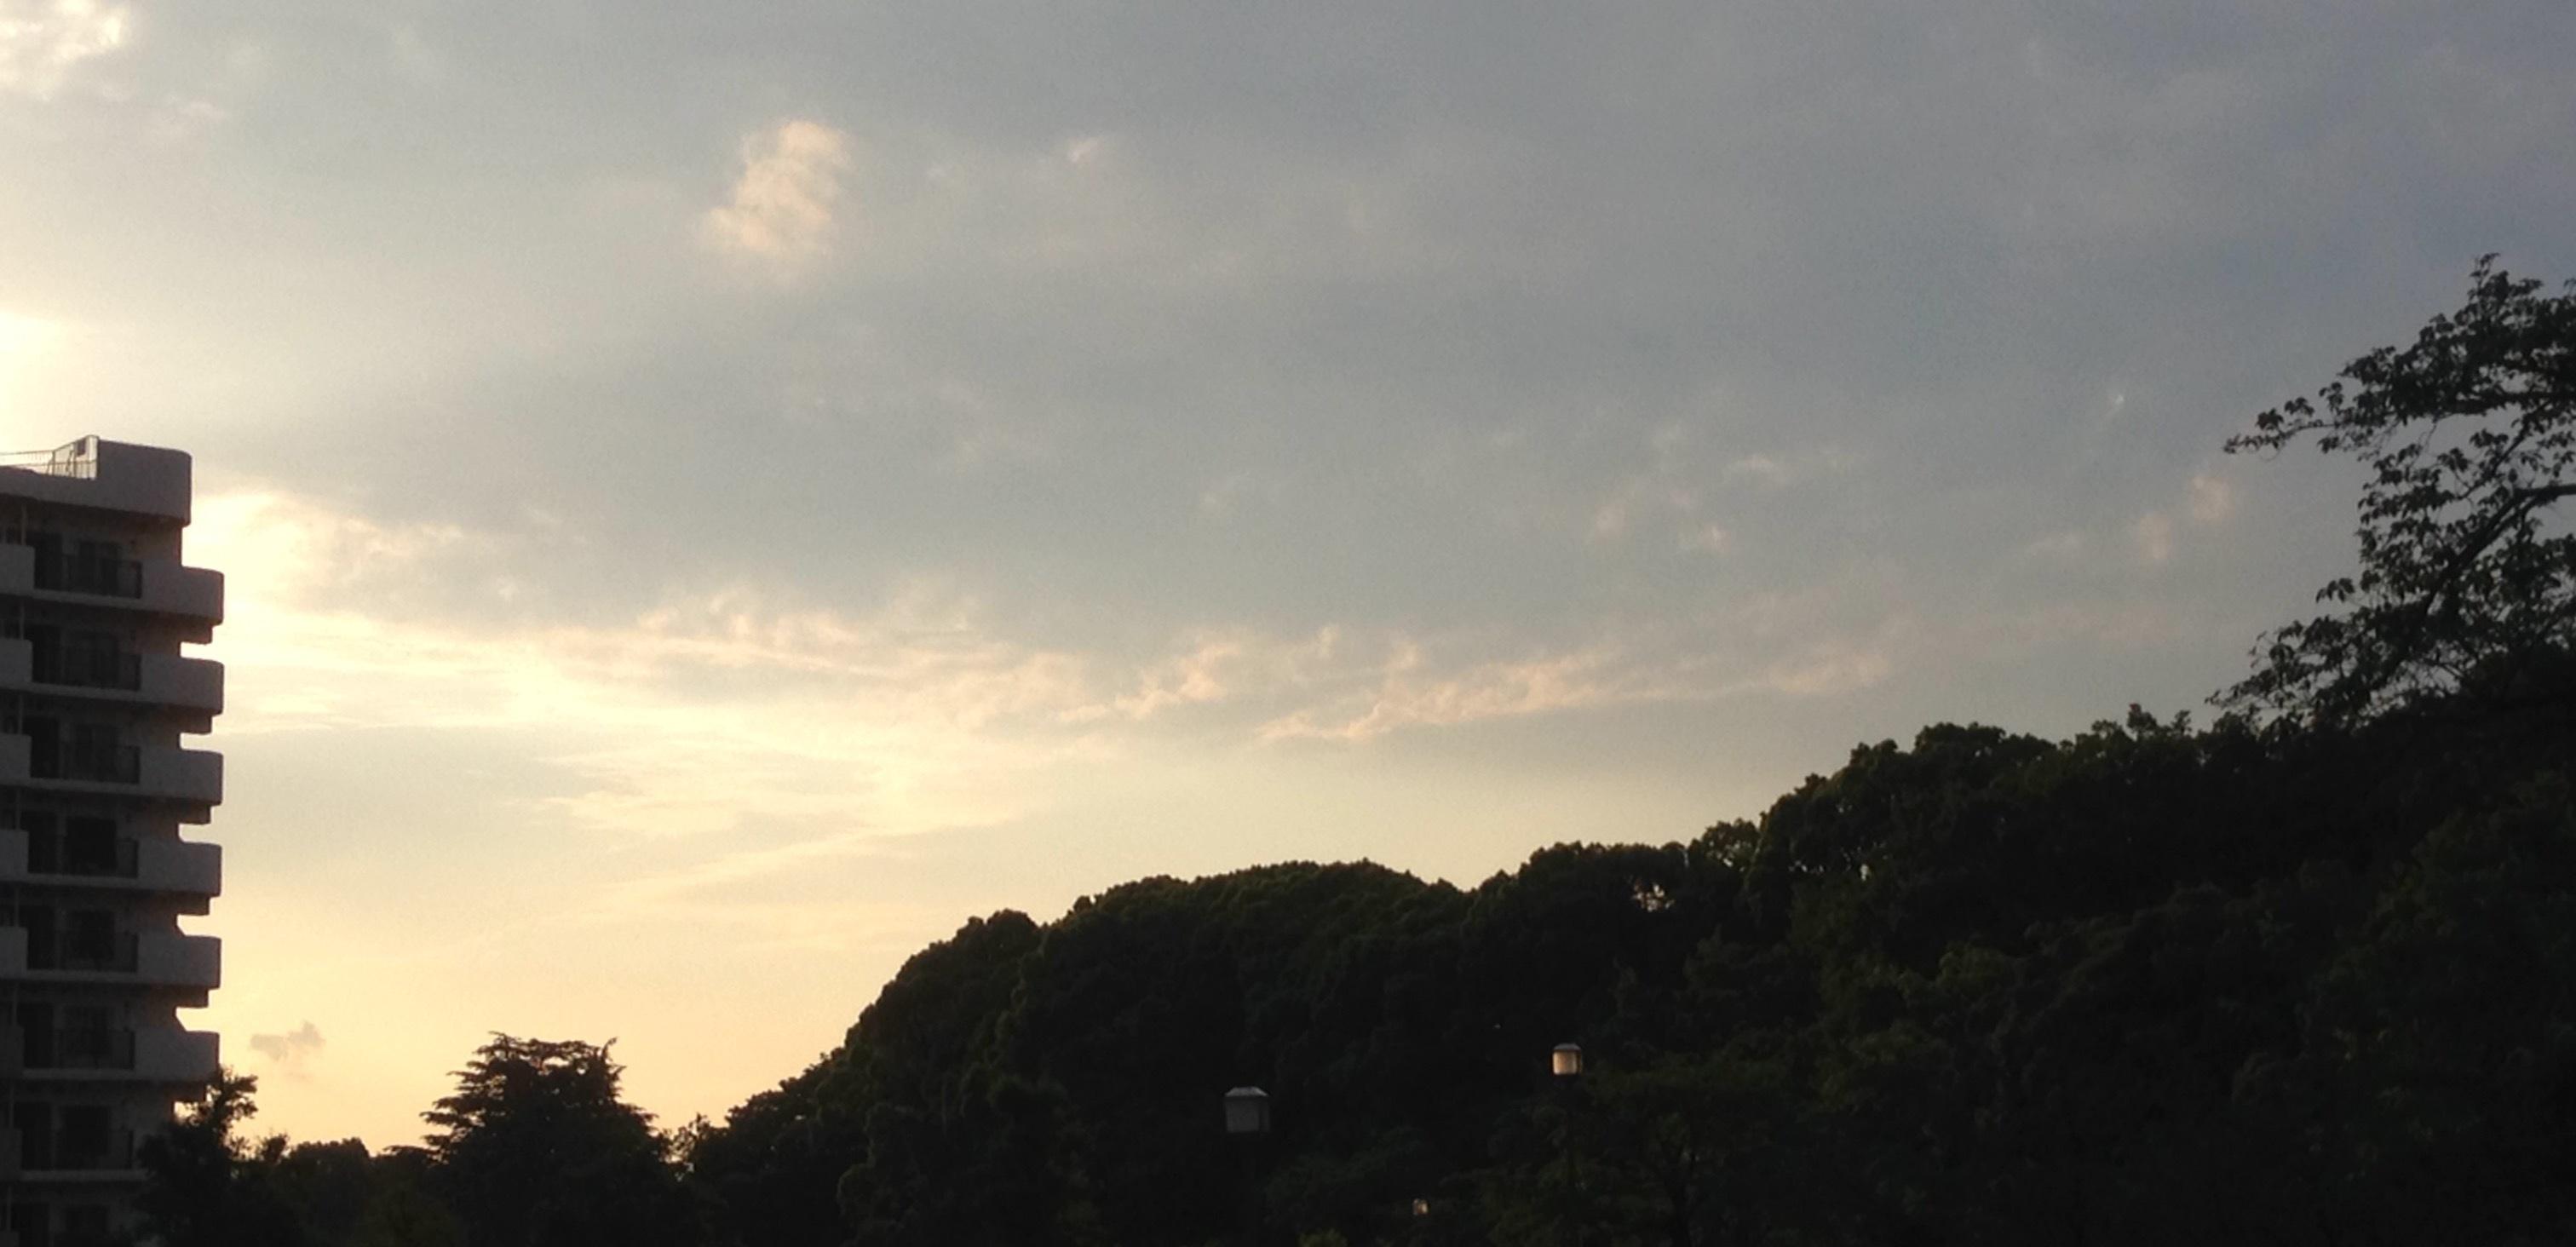 哲学堂公園 遠景